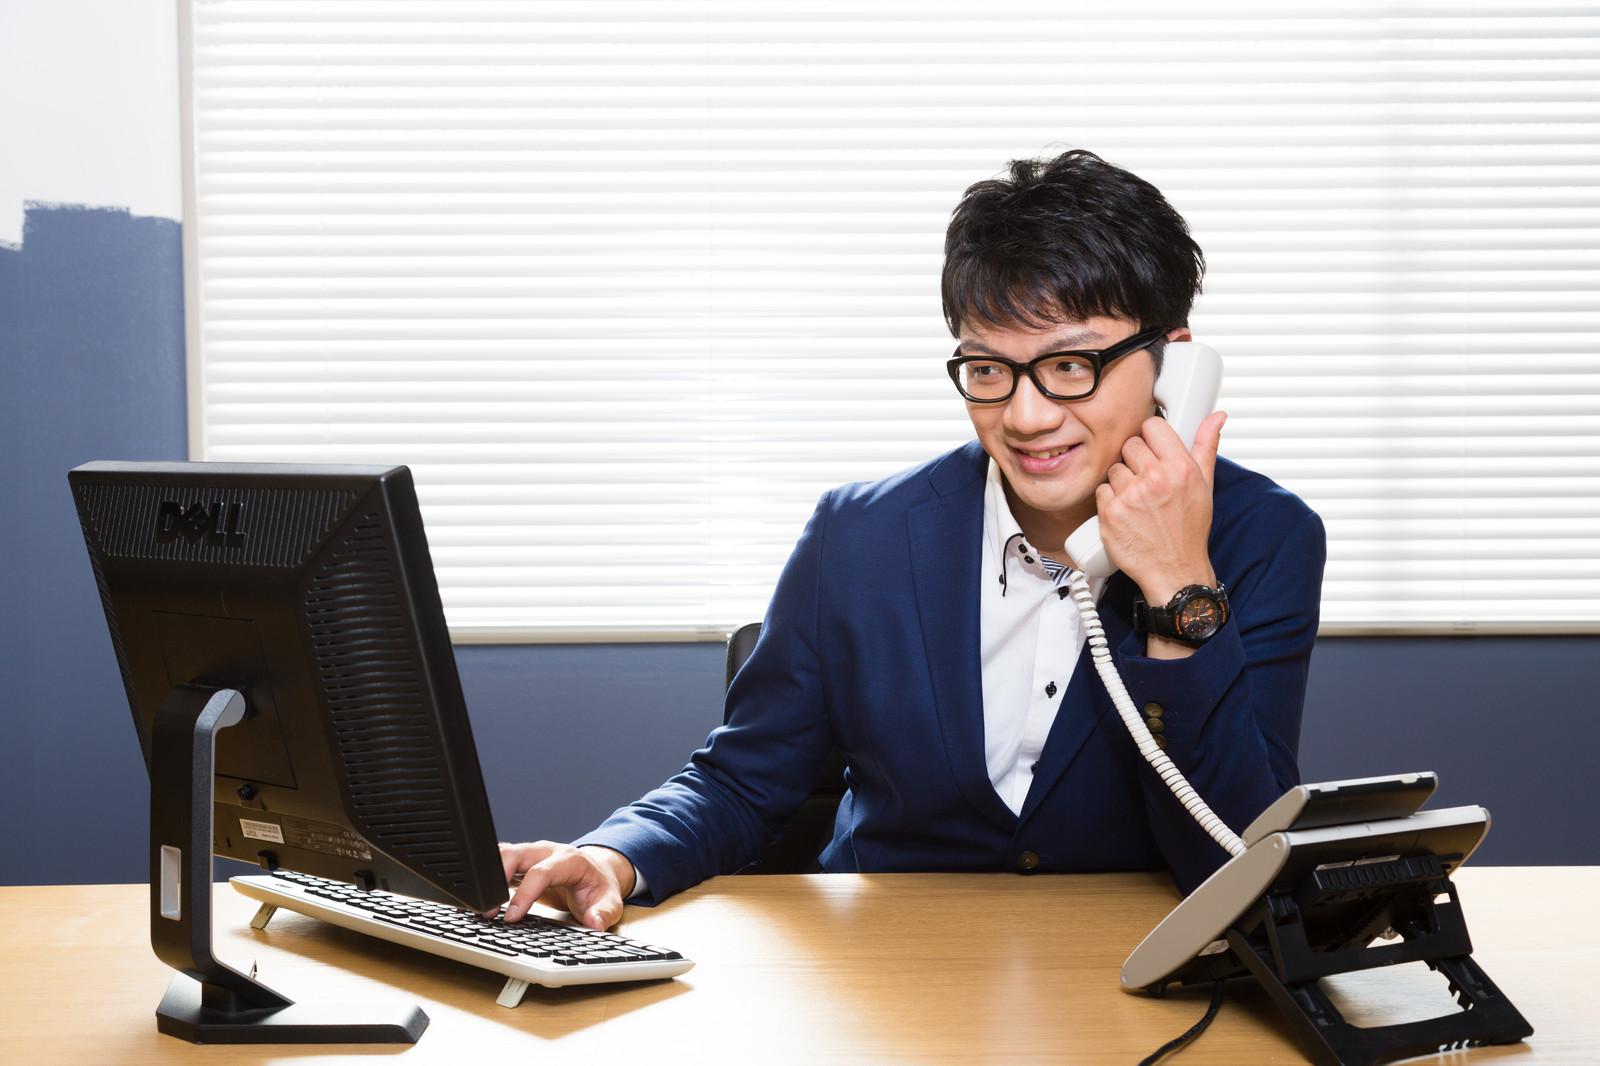 ベンチャー企業への就職活動と挫折の現実の悩み